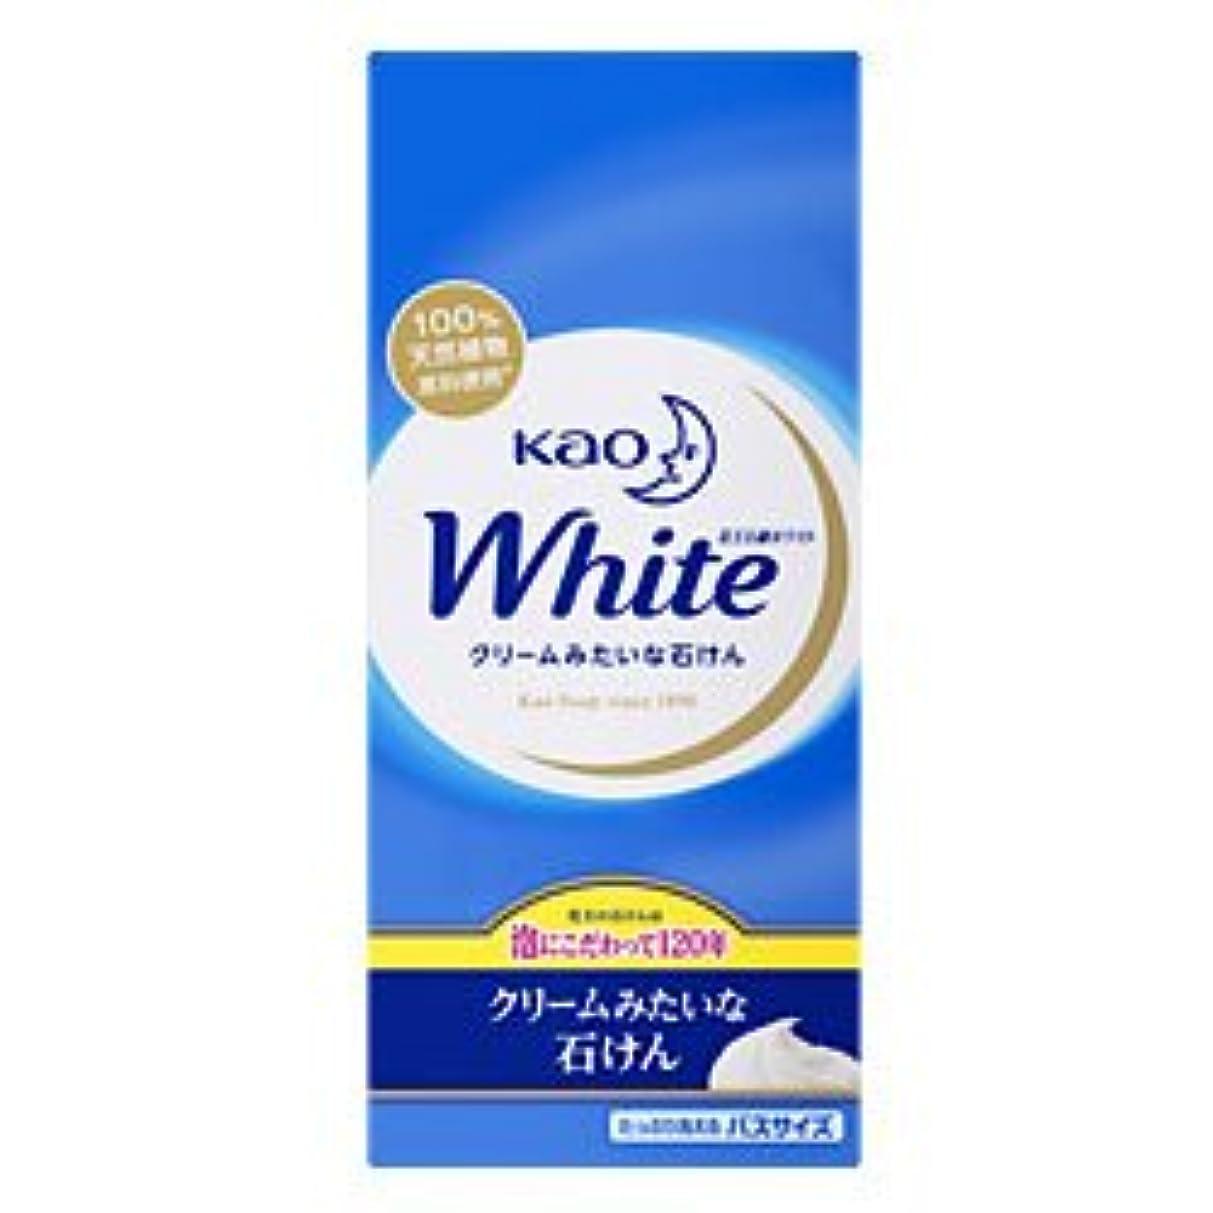 強化不健全自由【花王】花王ホワイト バスサイズ 130g×6個 ×20個セット